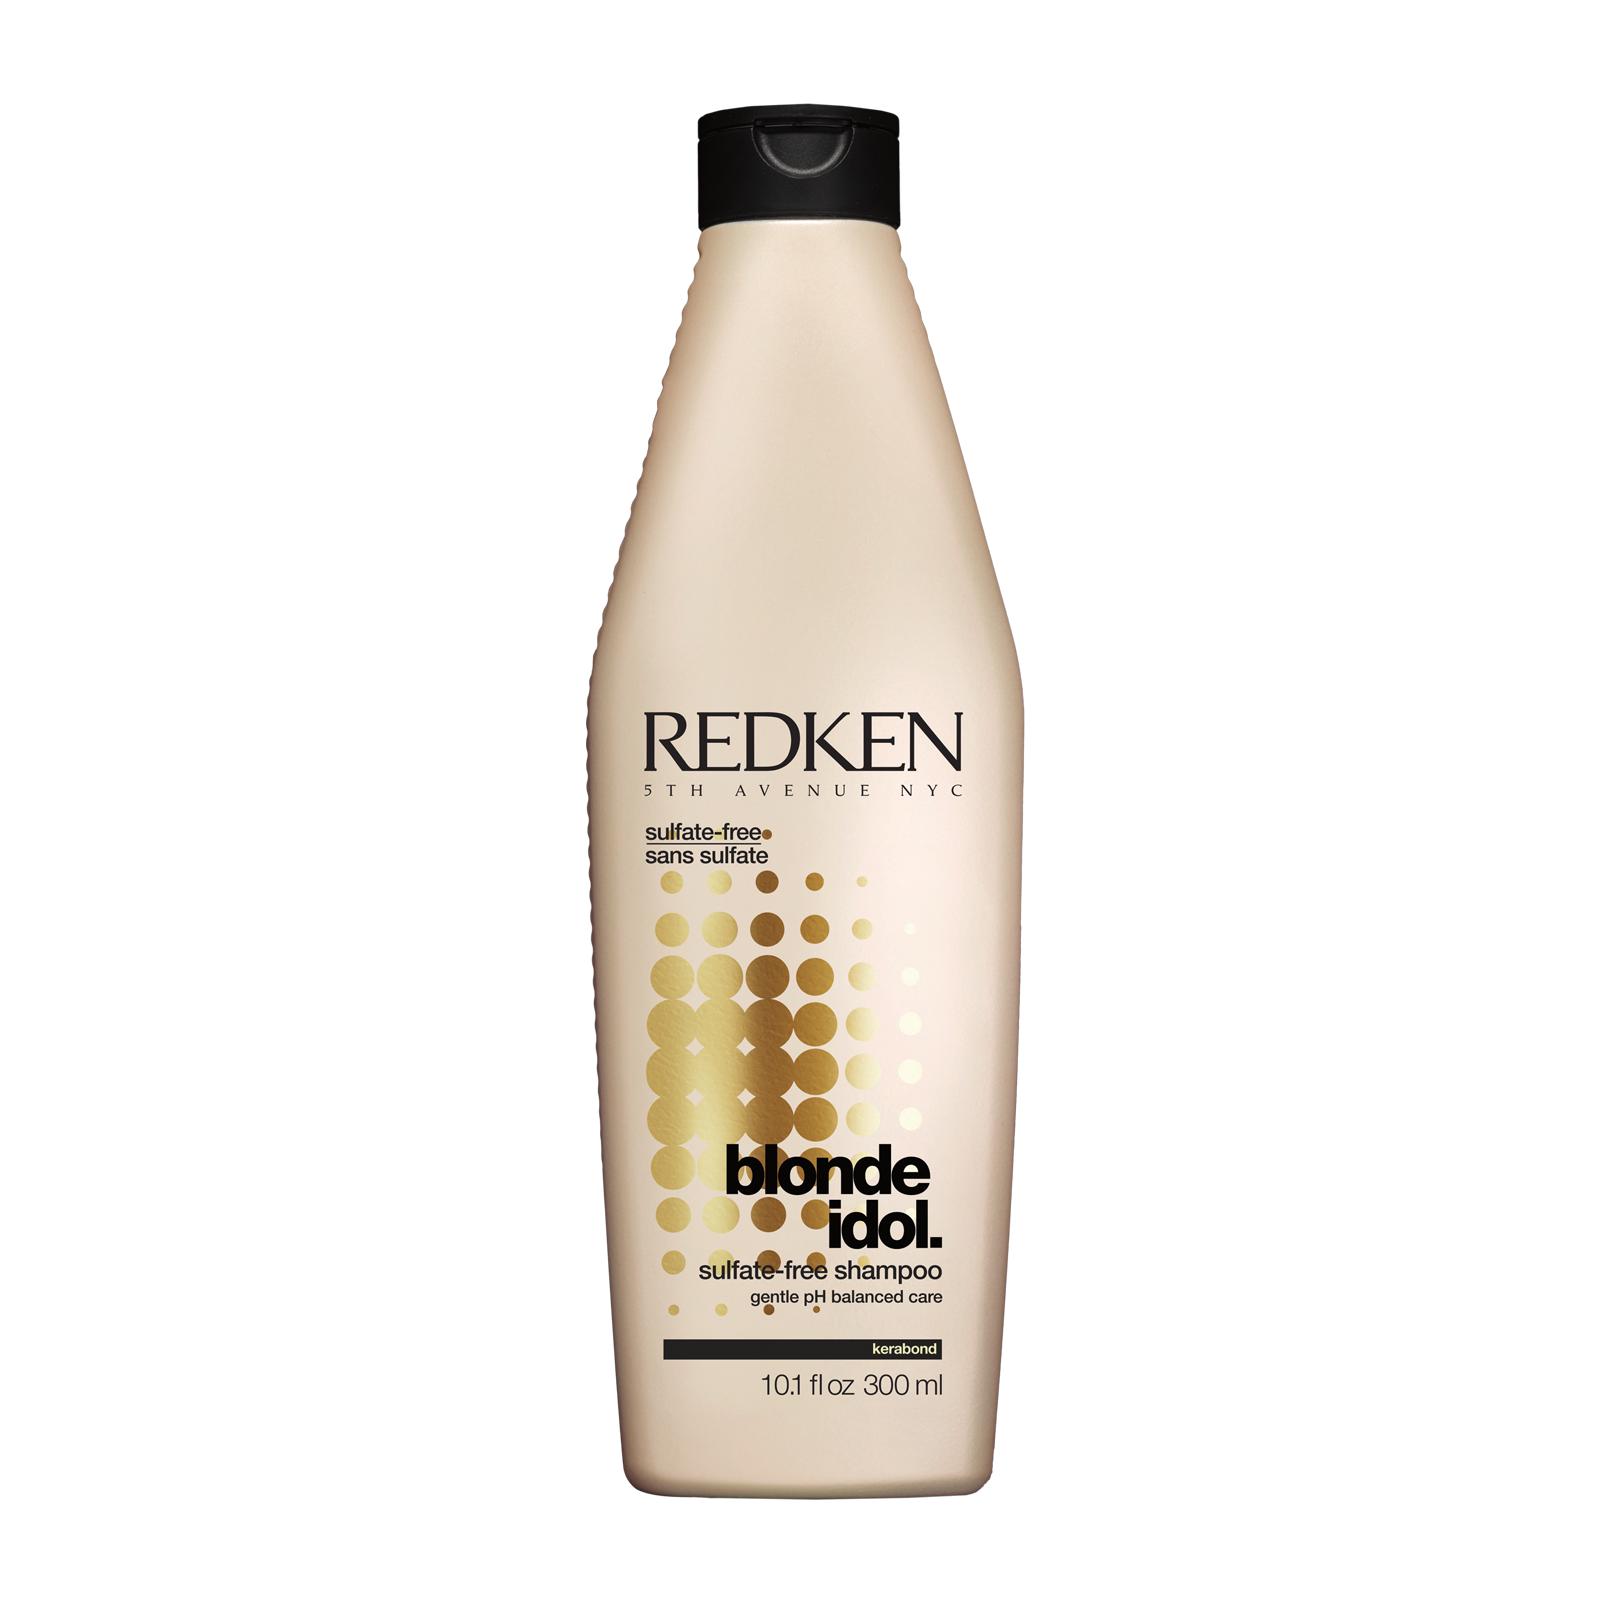 REDKEN Шампунь бессульфатный, восстанавливающий баланс pH для волос блонд / BLONDE IDOL 300мл